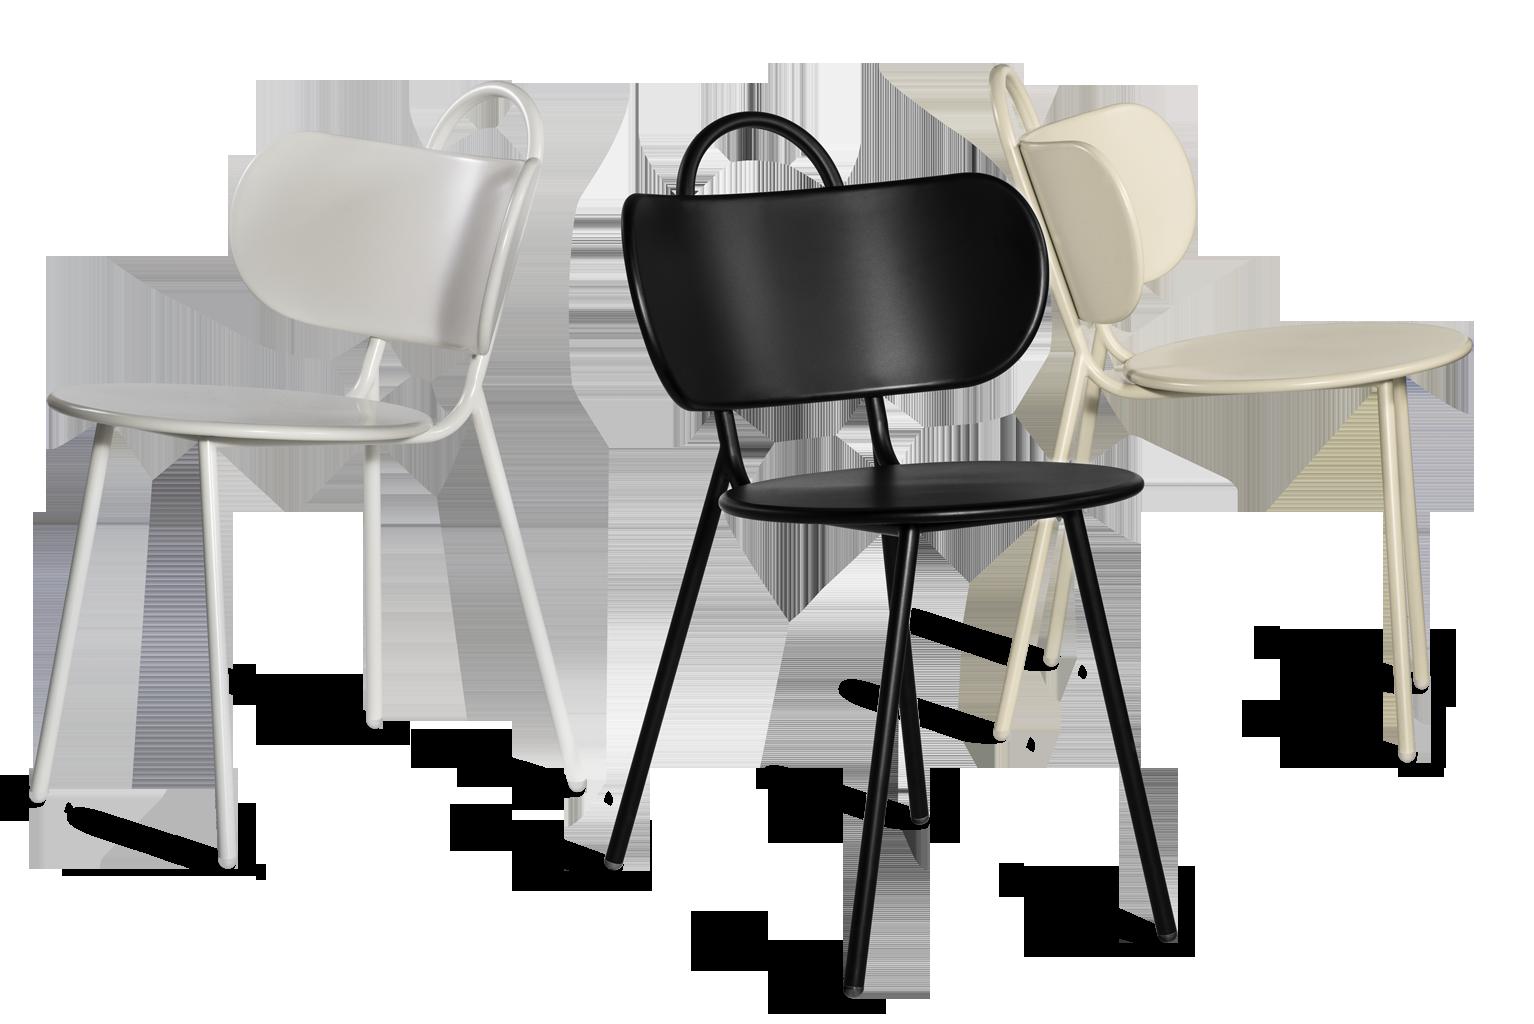 Chaise Swim Par Margaux Keller Mobilier Mobilier Design Idees Pour La Maison